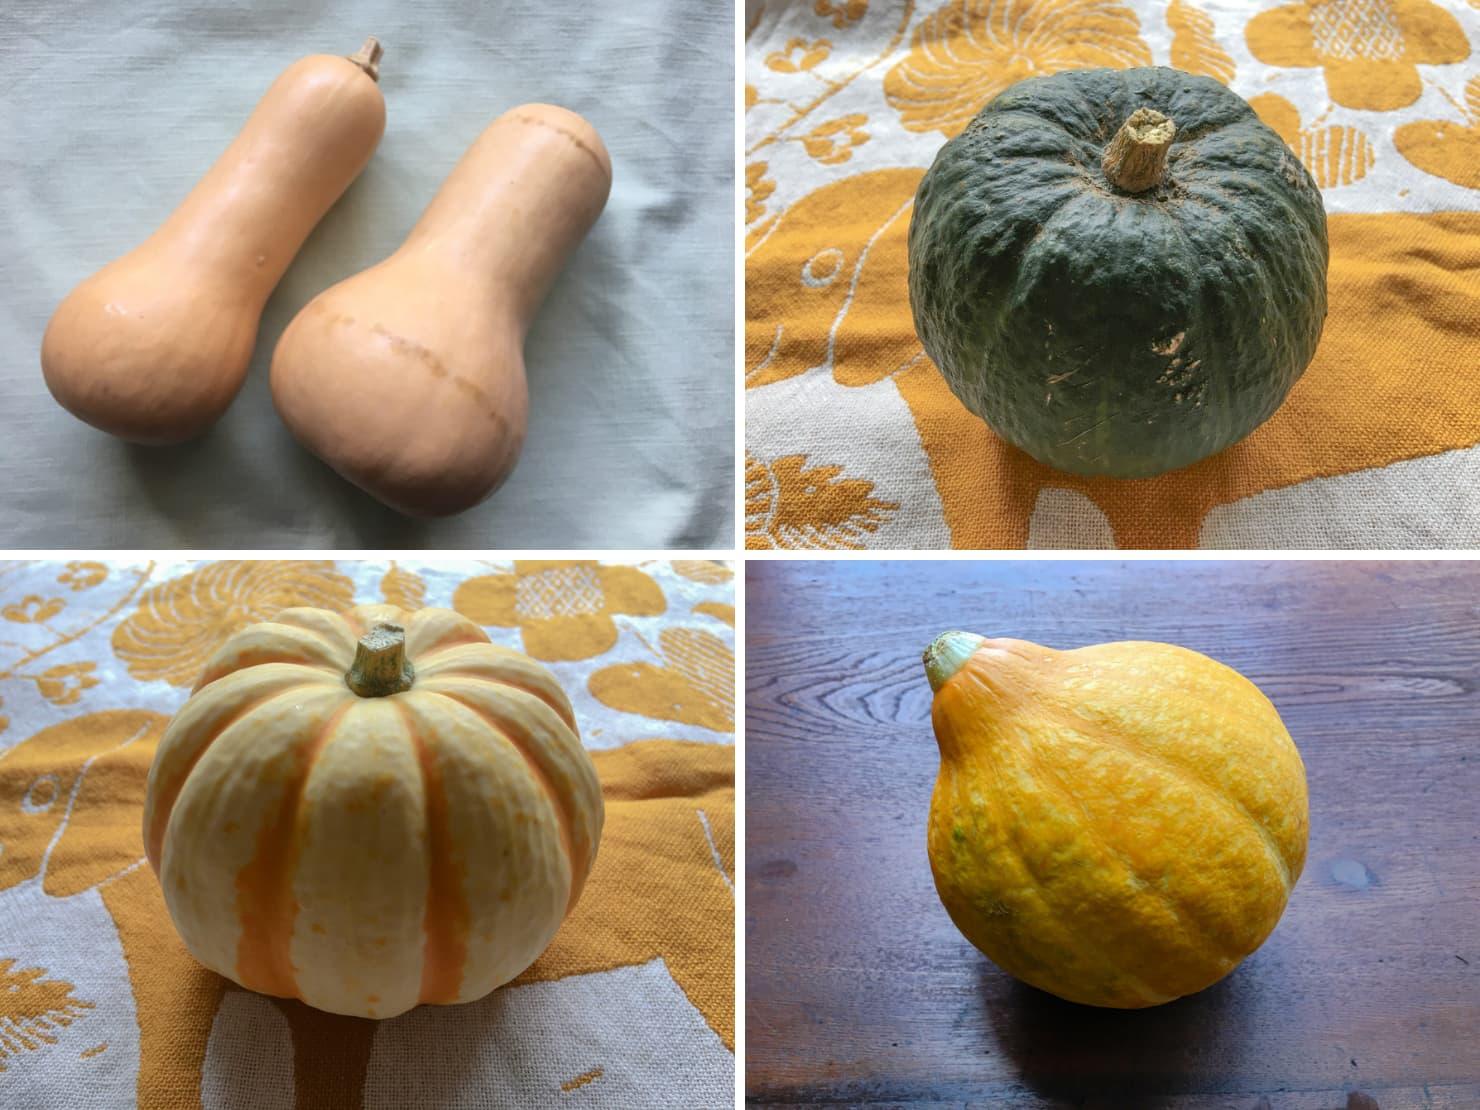 いろいろなかぼちゃの写真